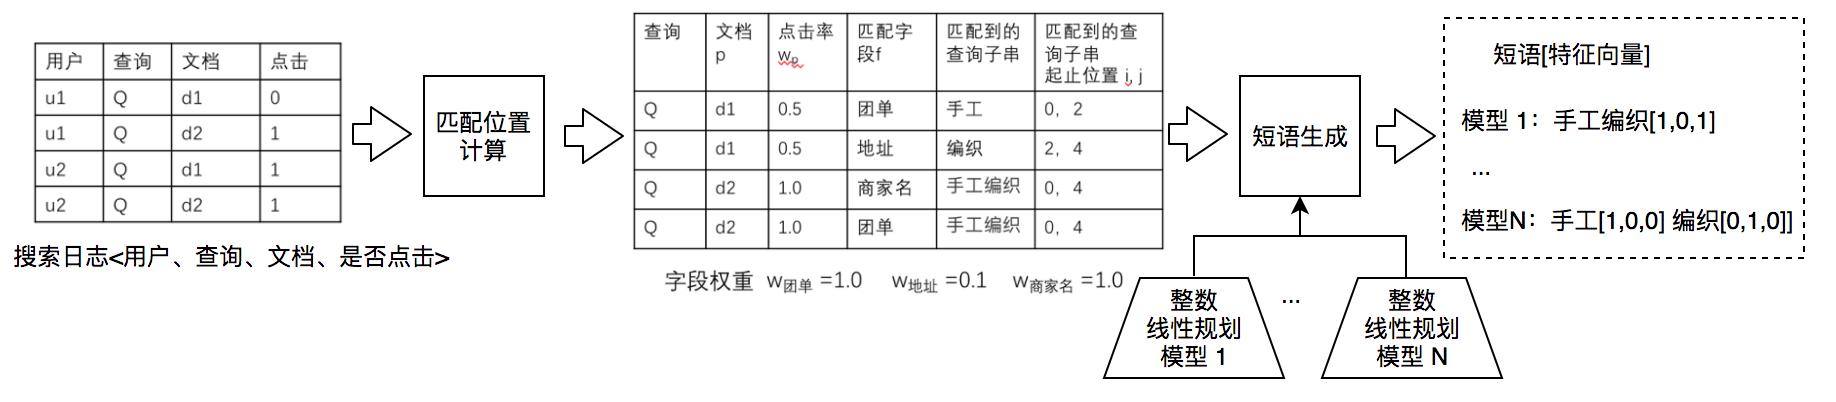 图 9 短语挖掘及特征计算